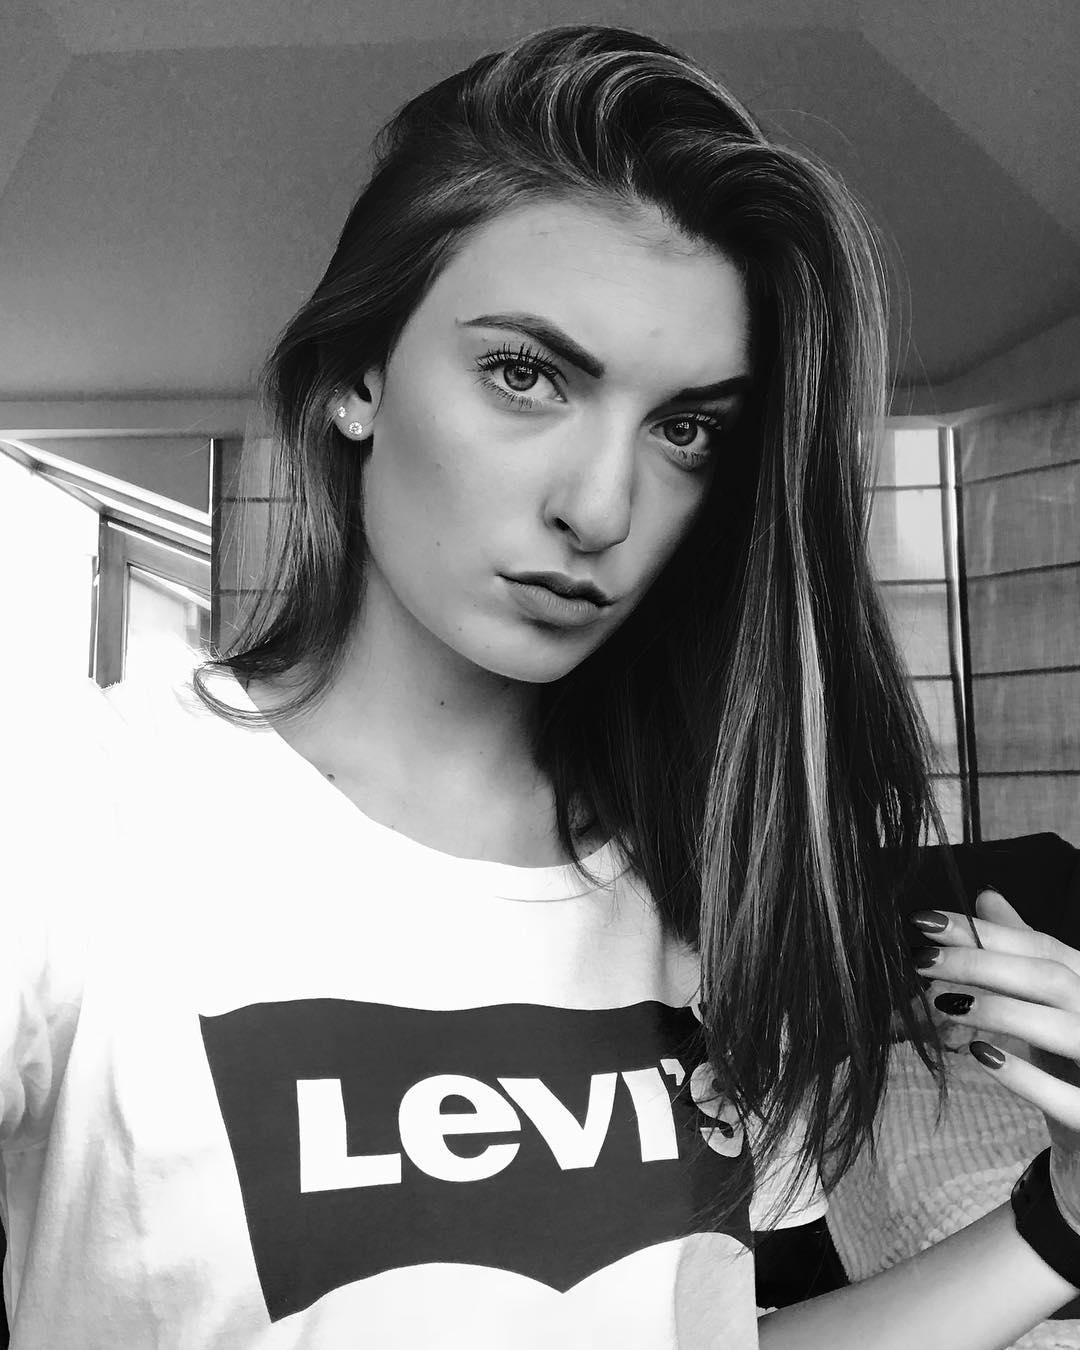 white levis t-shirt de Les Bourgeoises sur jadekonieczny_